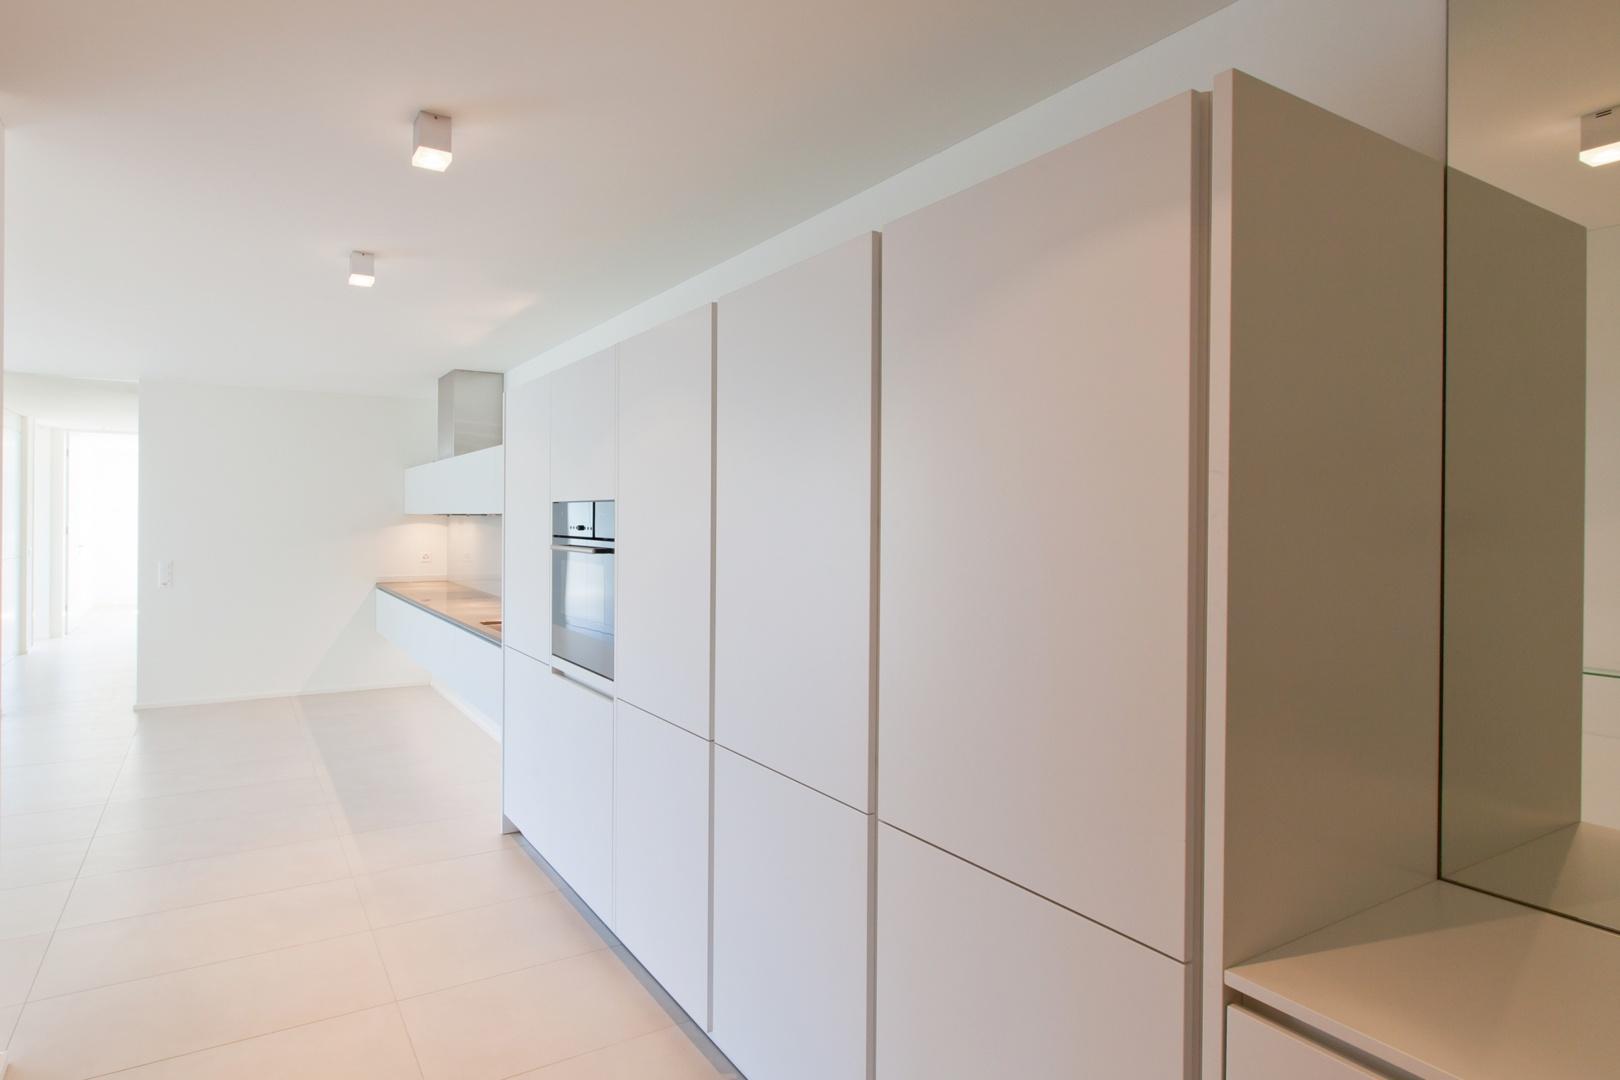 Rebberg_Kueche_Garderobe_3Z  © Architektur Rolf Stalder AG - Christian Roth